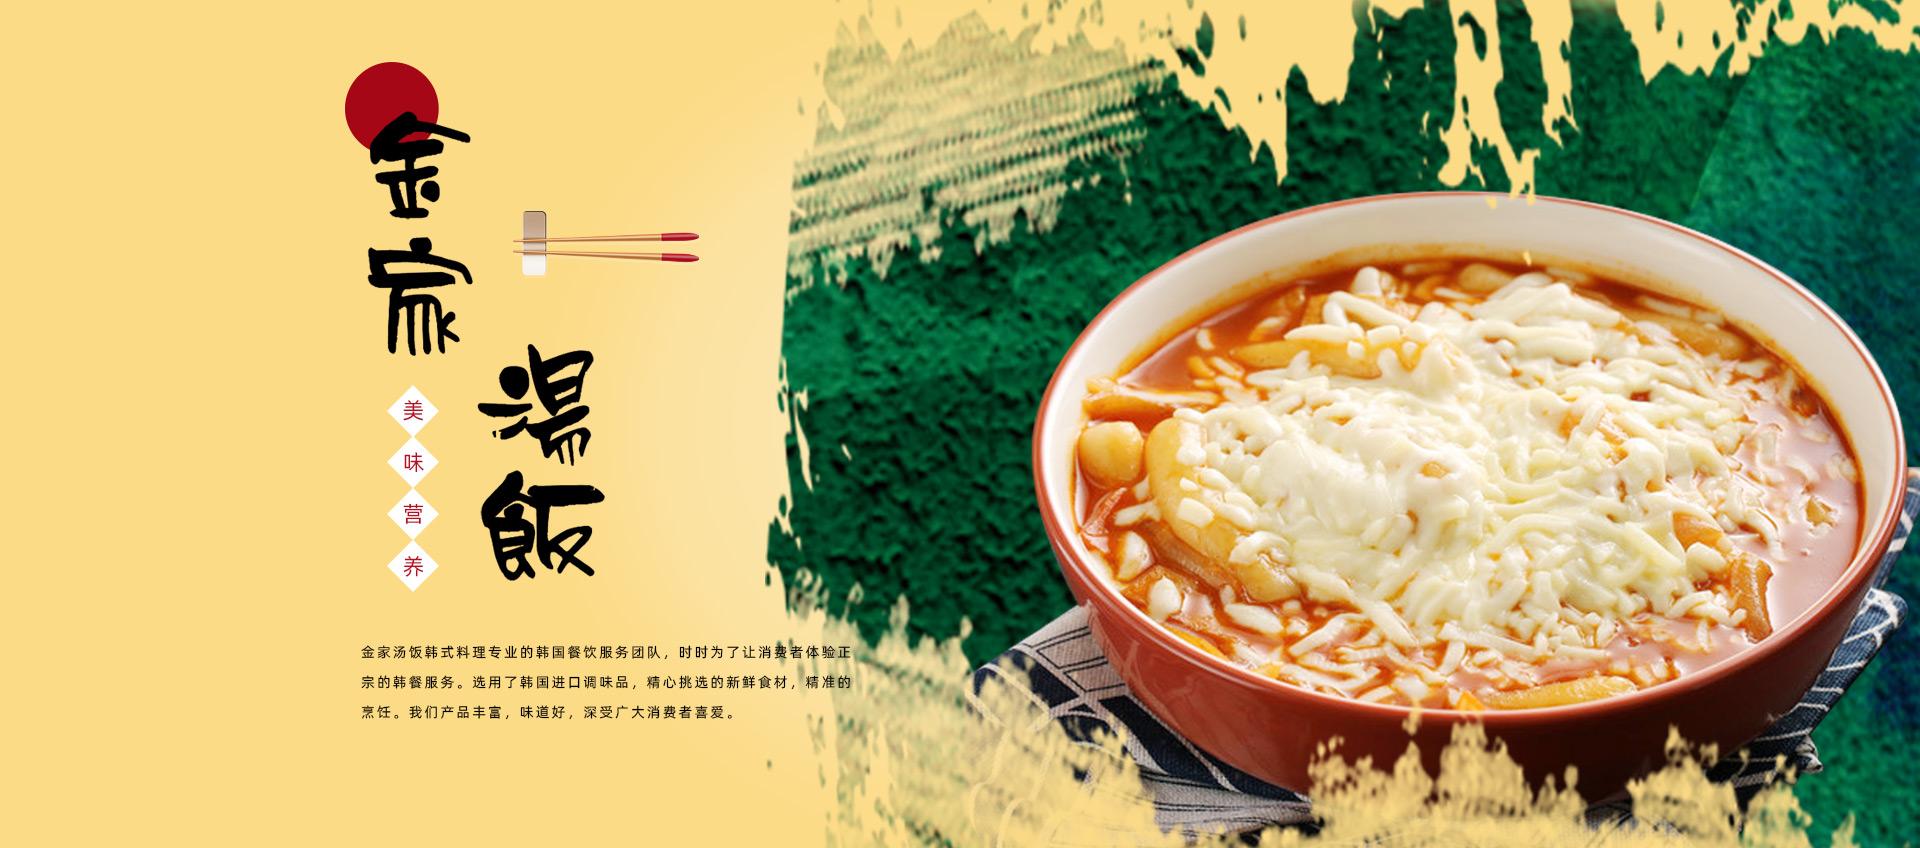 北京糯米肠订餐电话_餐饮服务-金家汤饭韩式料理